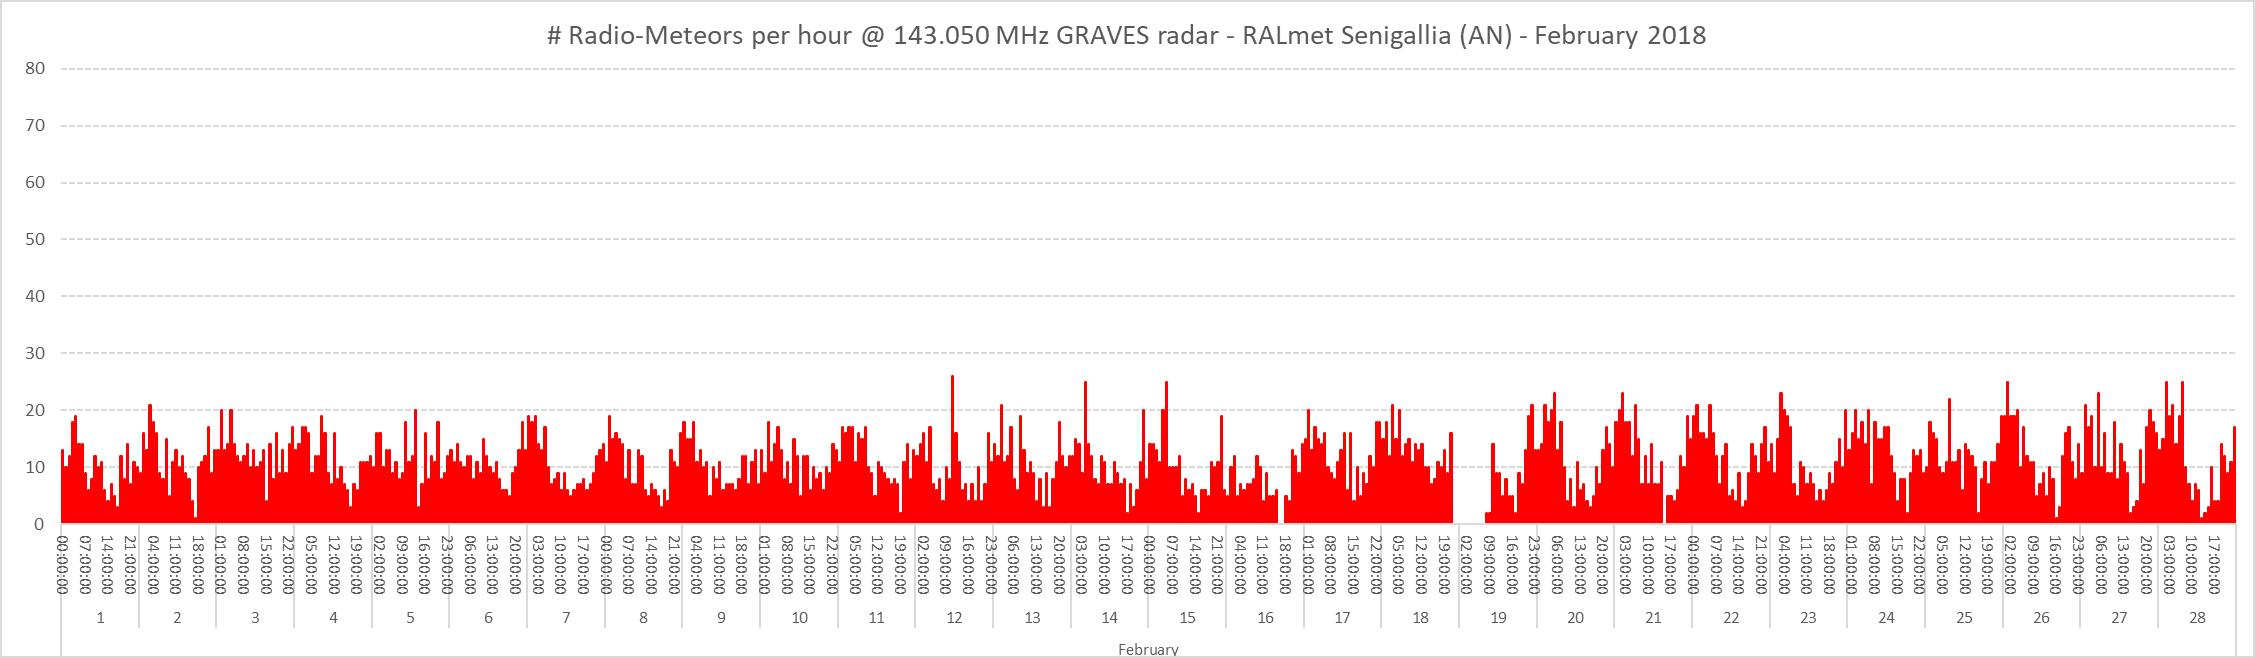 Conteggio del numero di radio-meteore per ora nel mese di Febbraio 2018.